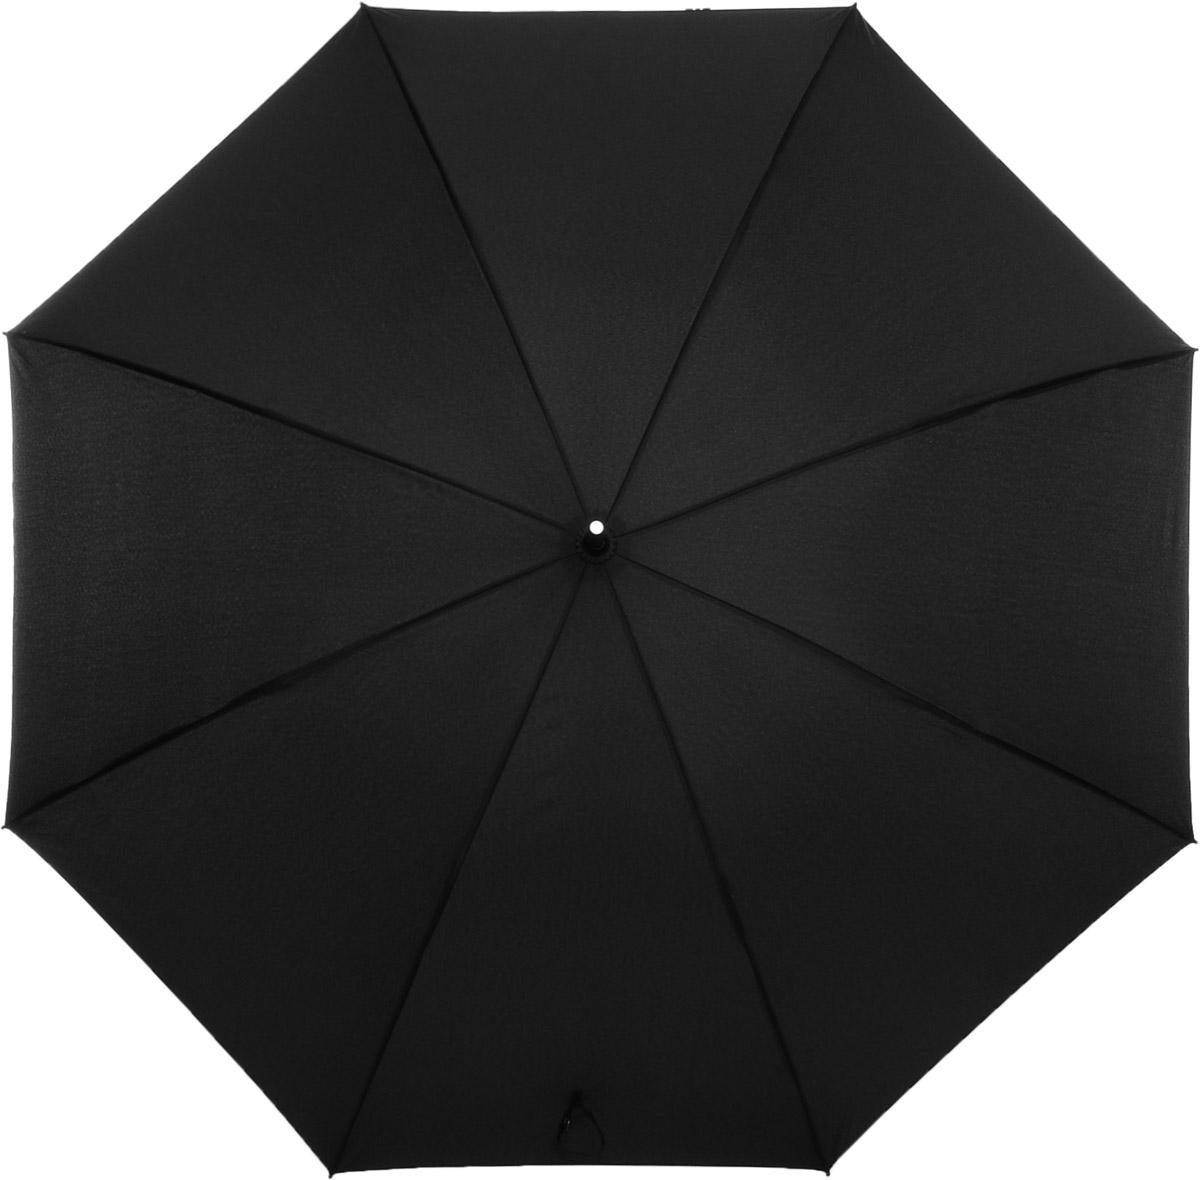 Зонт мужской Fabretti, цвет: черный. 17001700Мужской зонт от итальянского бренда Fabretti выполнен в классическом черном цвете. Значительным преимуществом данной модели является система антиветер, которая позволяет выдержать сильные порывы ветра. Эргономичная ручка сделана из высококачественного пластика-полиуретана с противоскользящей обработкой.